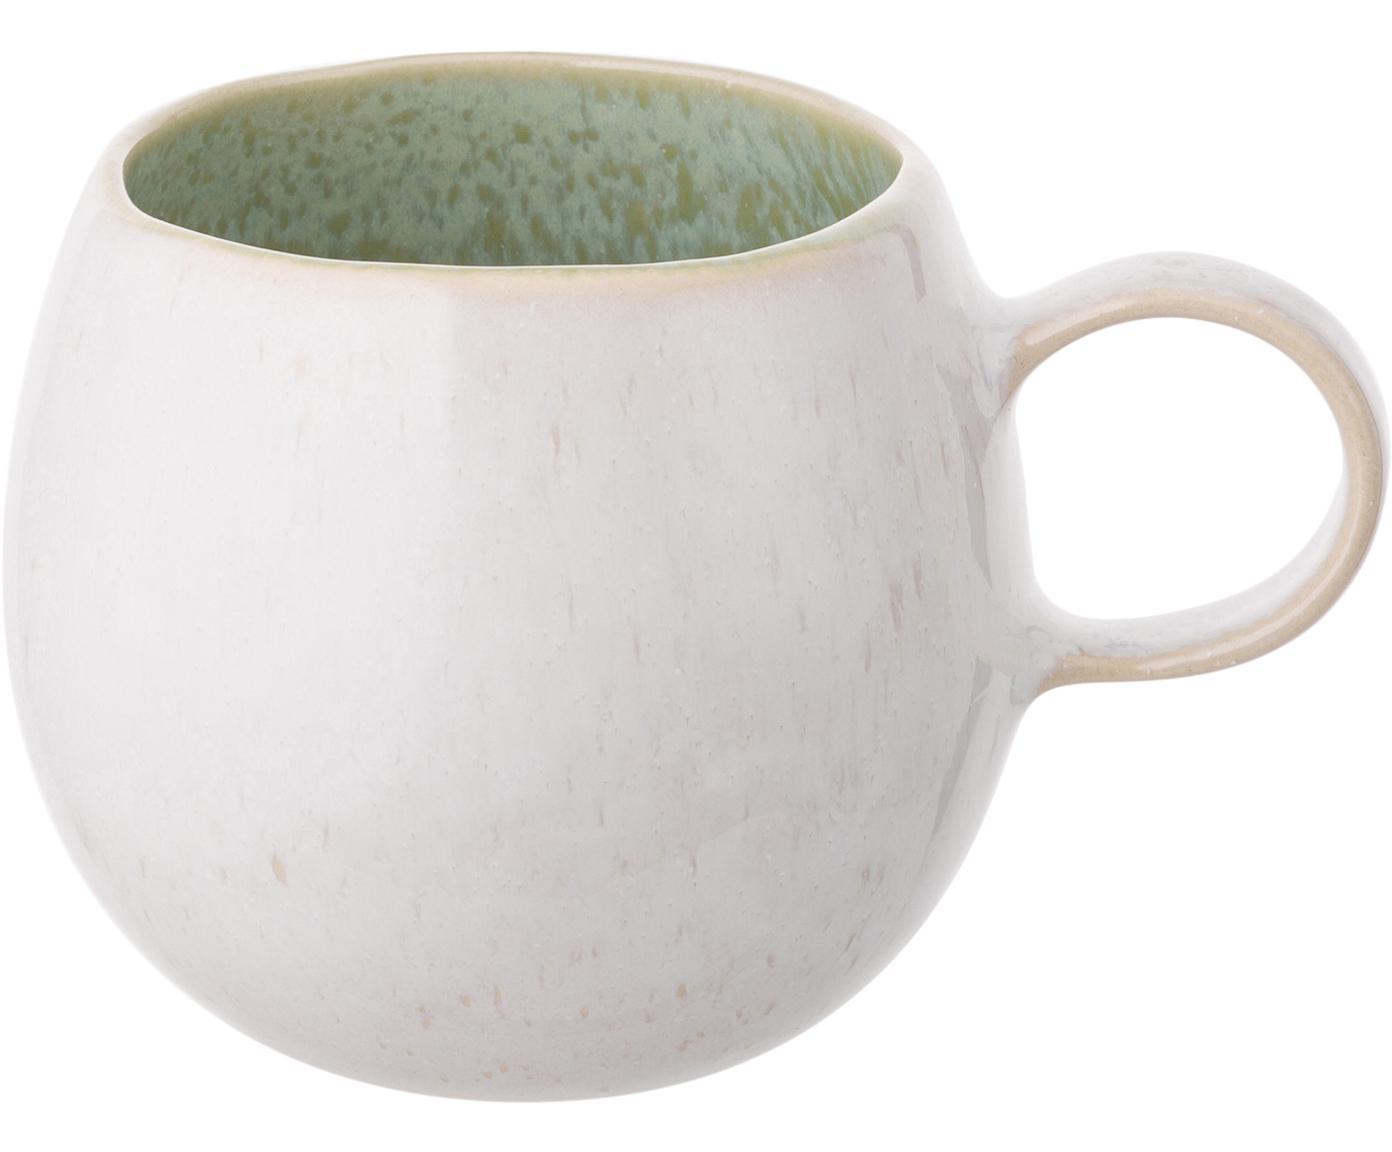 Handbemalte Teetassen Areia, 2 Stück, Steingut, Mint, Gebrochenes Weiss, Beige, Ø 9 x H 10 cm